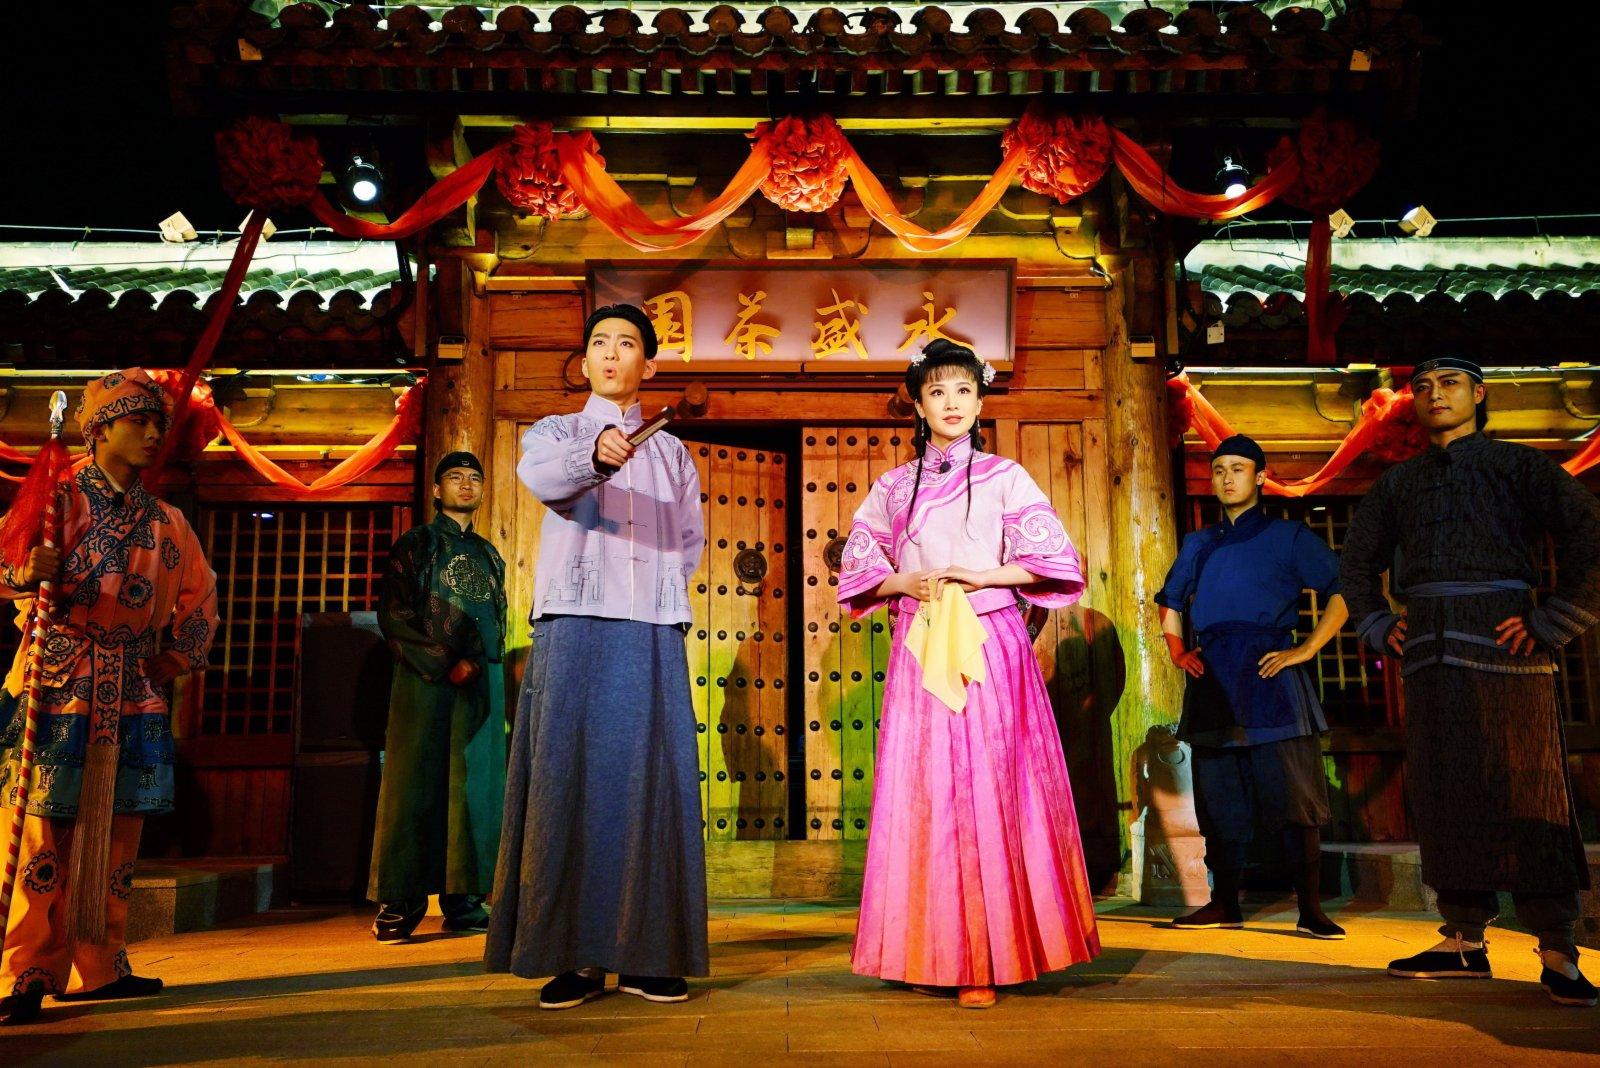 5月3日,演員在唐山市南湖景區為遊客表演沉浸式體驗劇《那年芳華》。